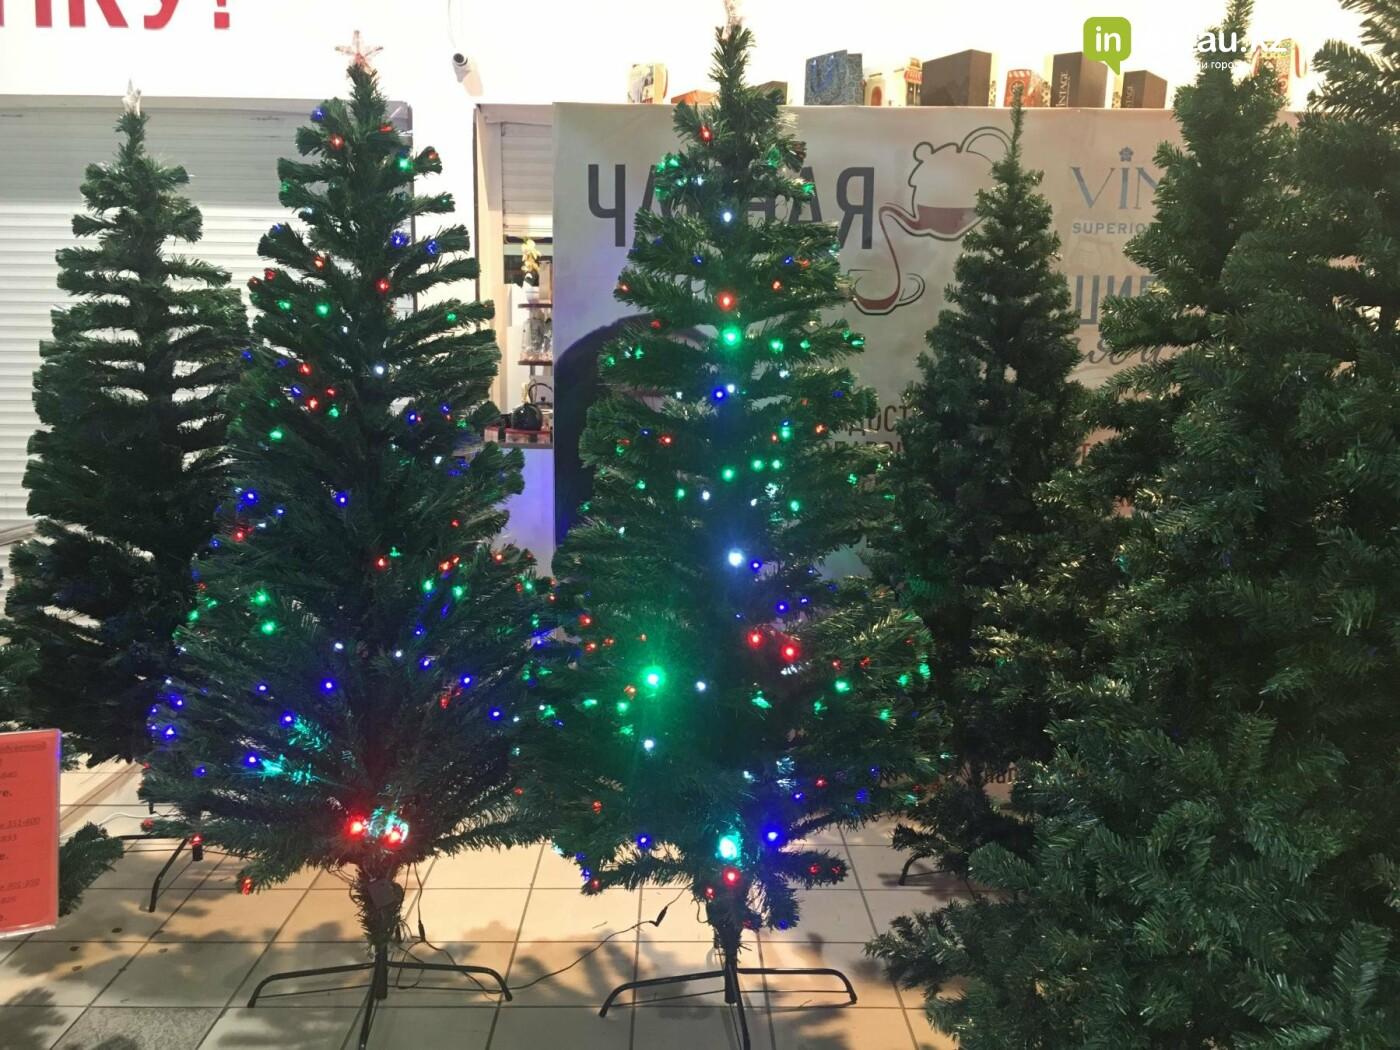 Гид по елкам: Где в Актау купить красивую и недорогую искусственную ель расскажет ИнАктау, фото-19